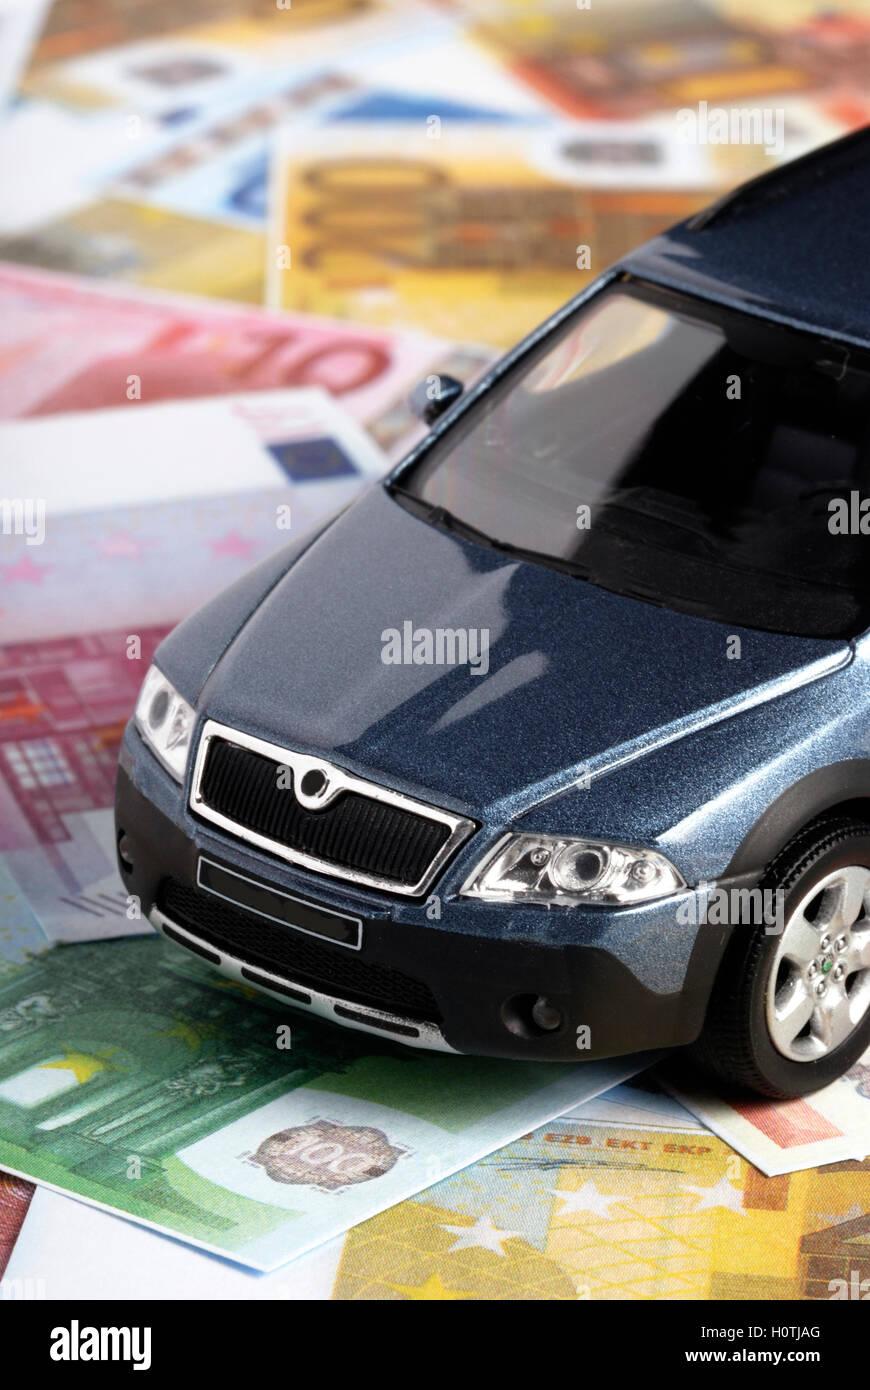 Acheter une nouvelle voiture, concept Photo Stock